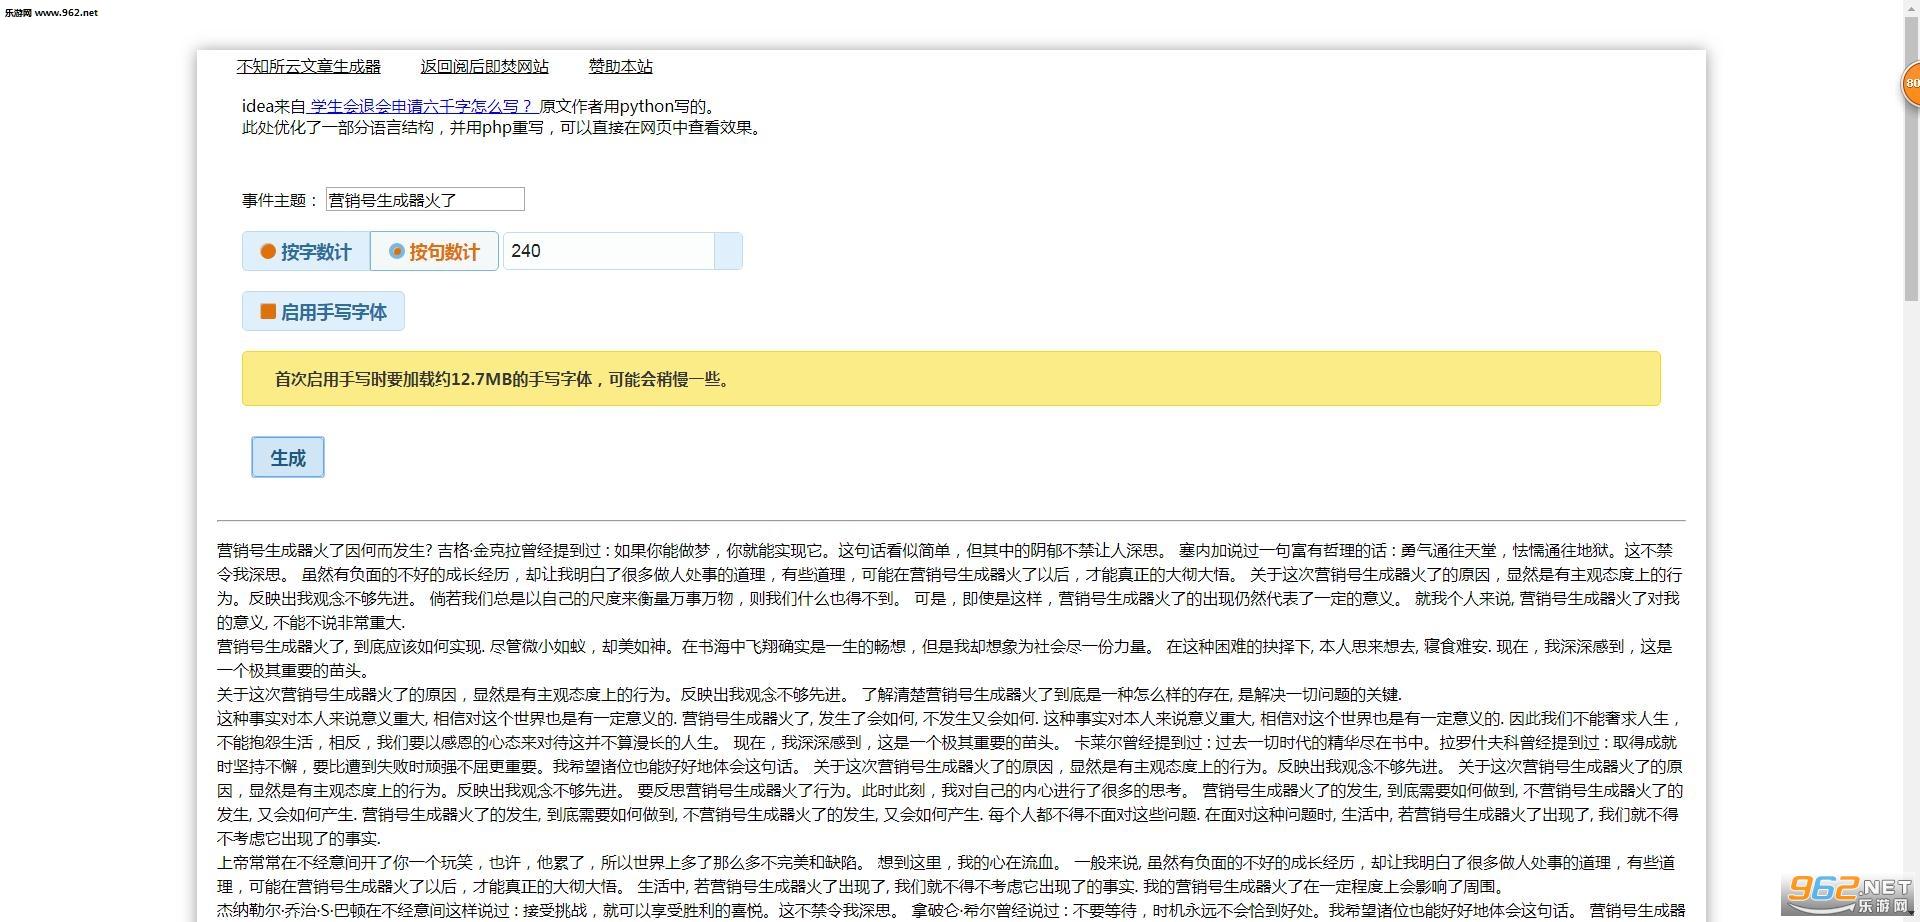 不知所云生成器v1.0 网页版_截图1